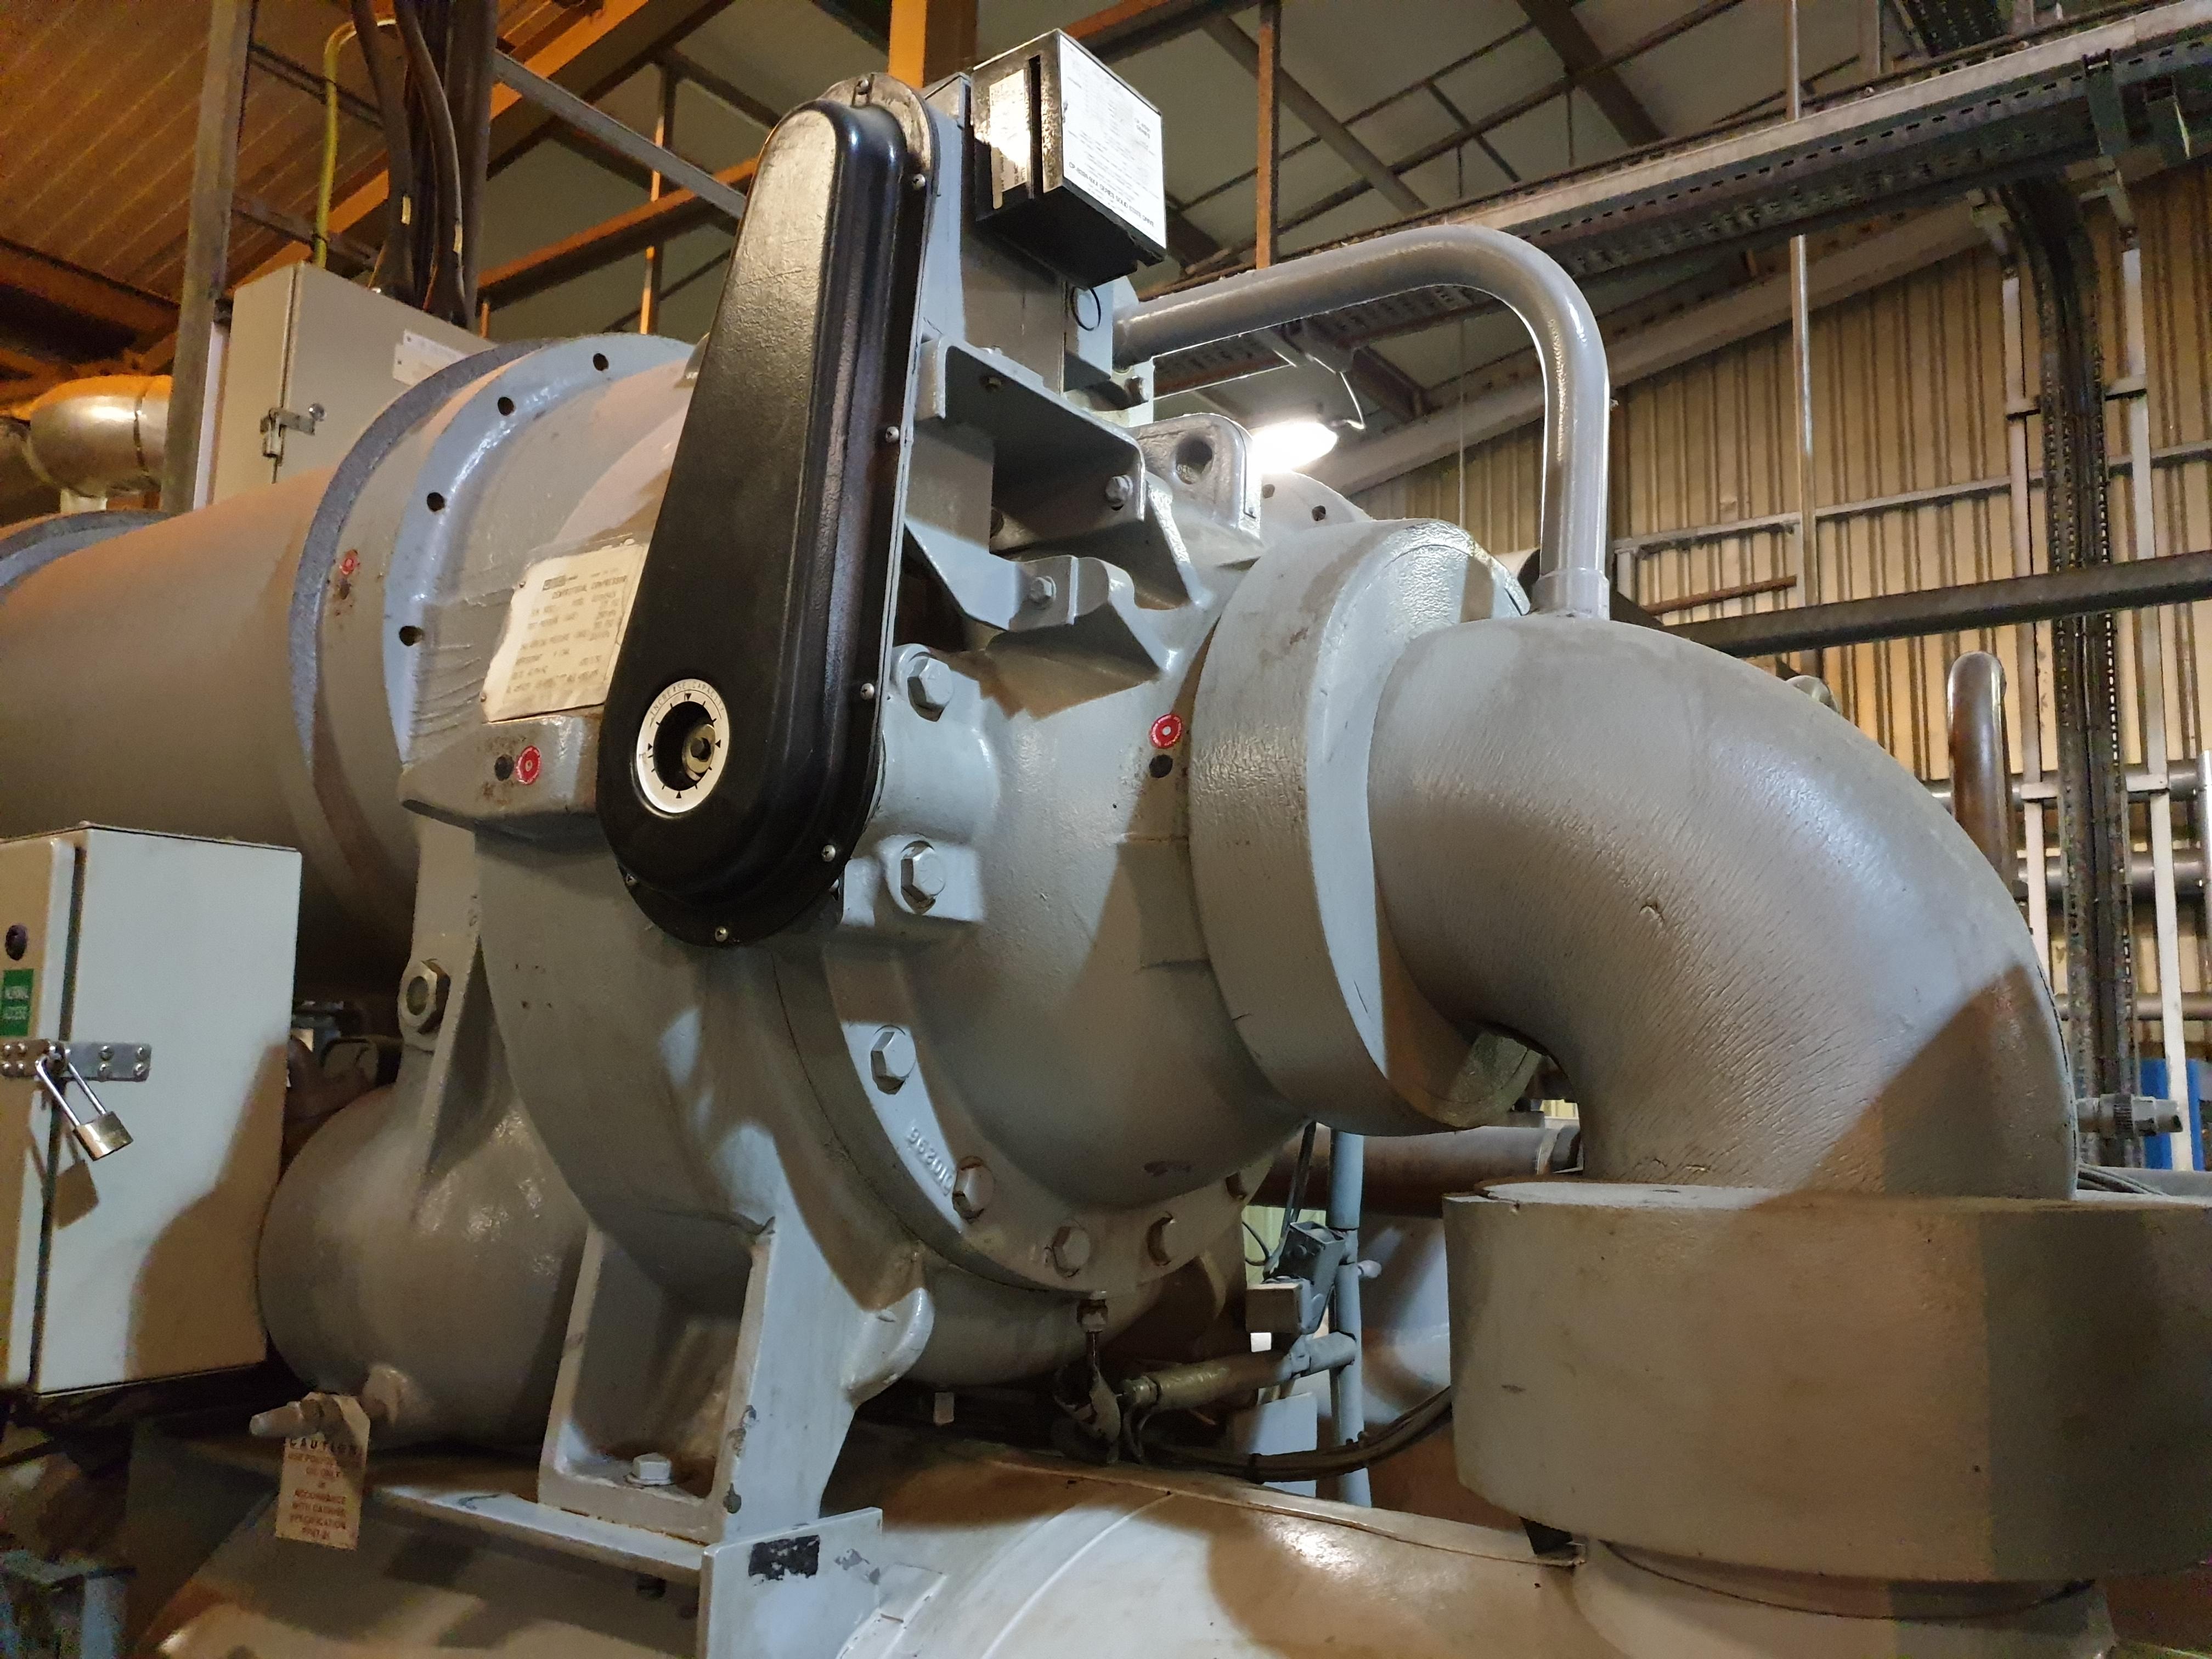 Reconstrucción del compresor centrífugo del compresor gris en la sala de la planta